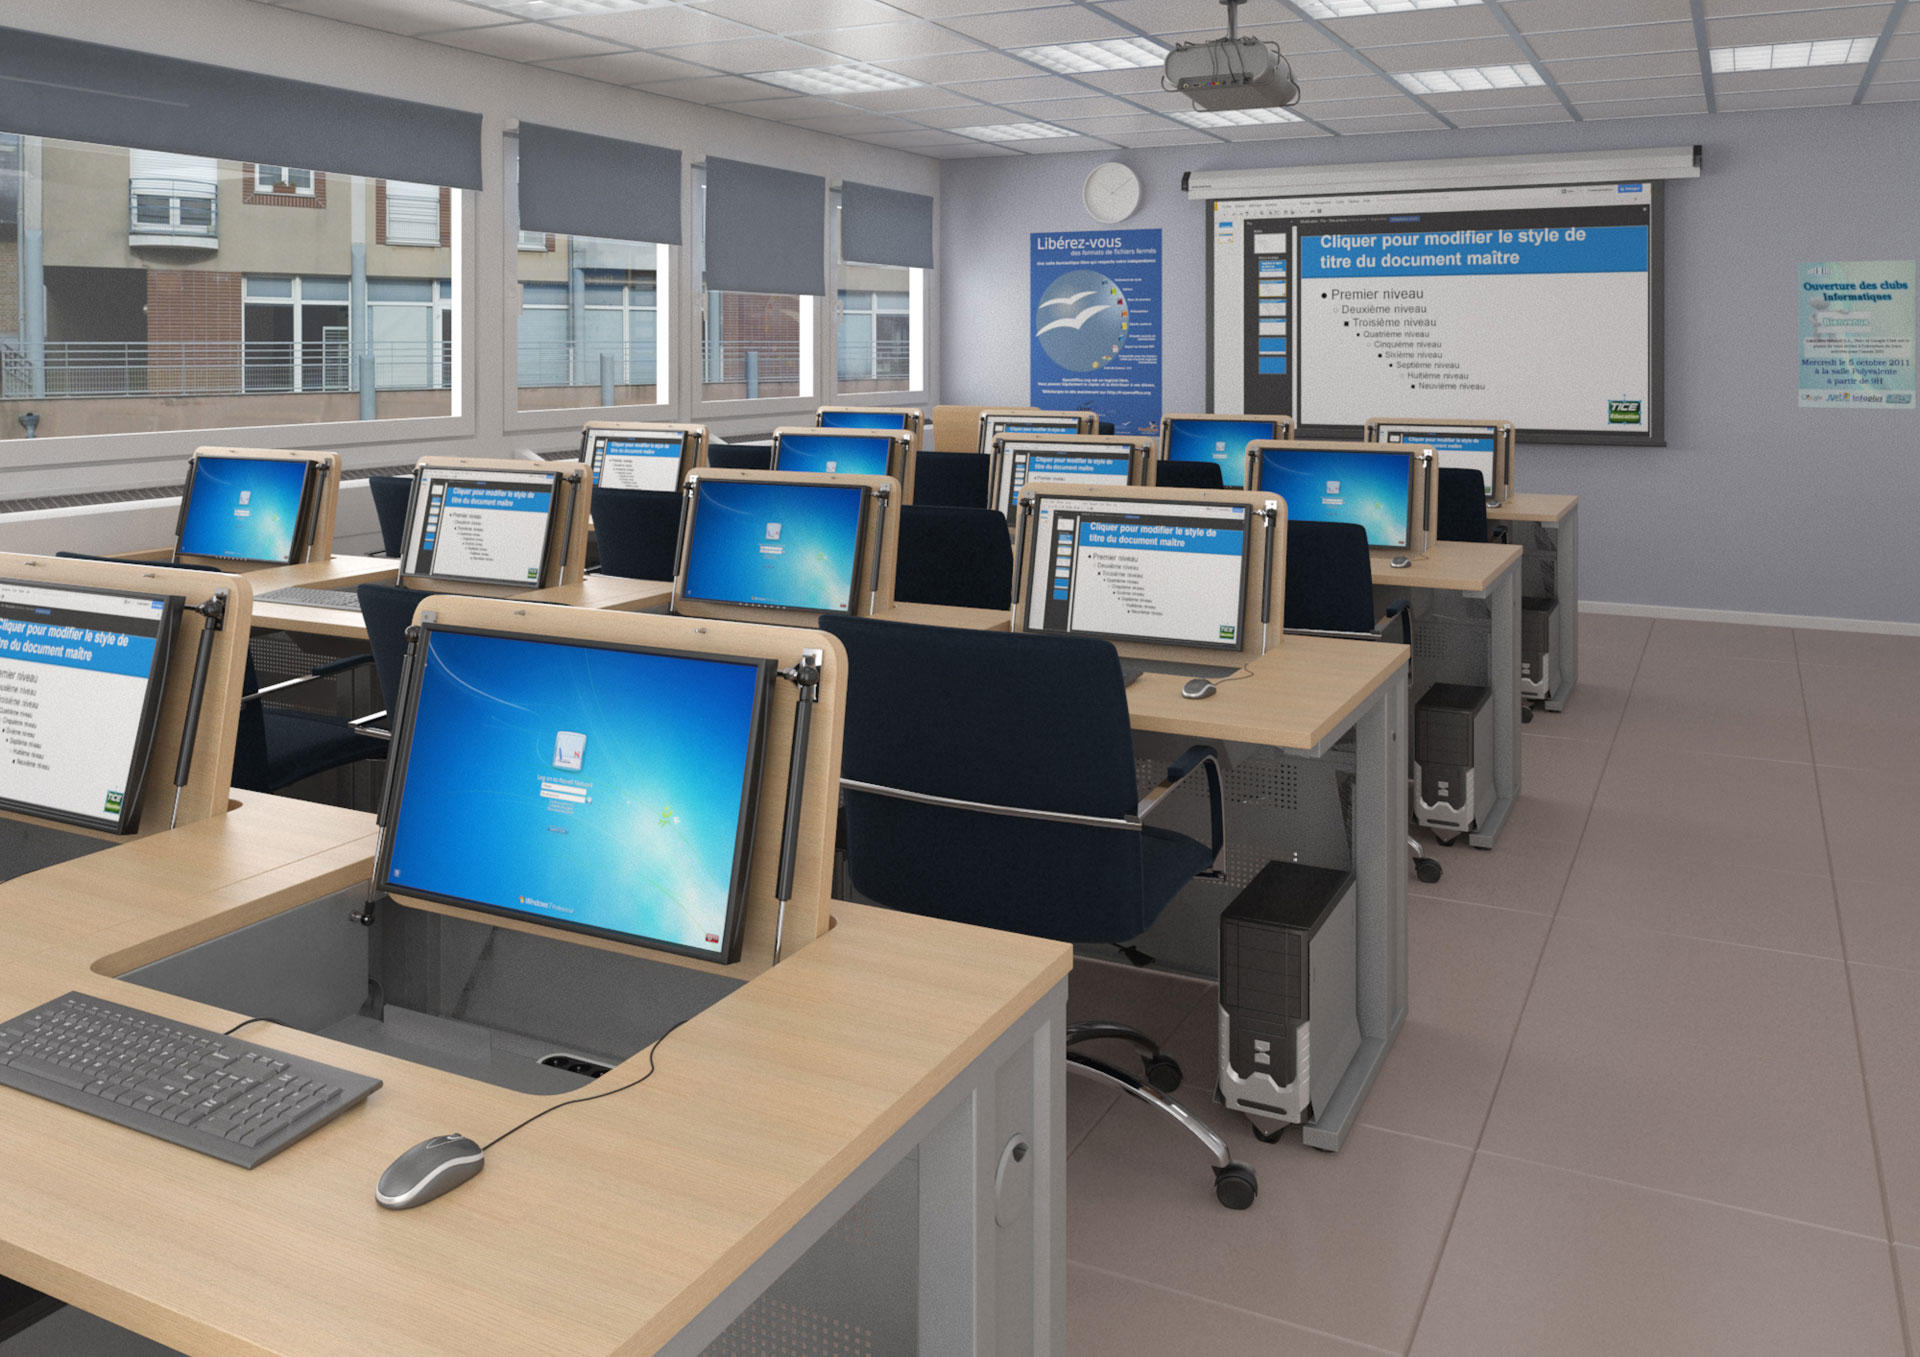 Mobilier pour salle de formation en salle de classe